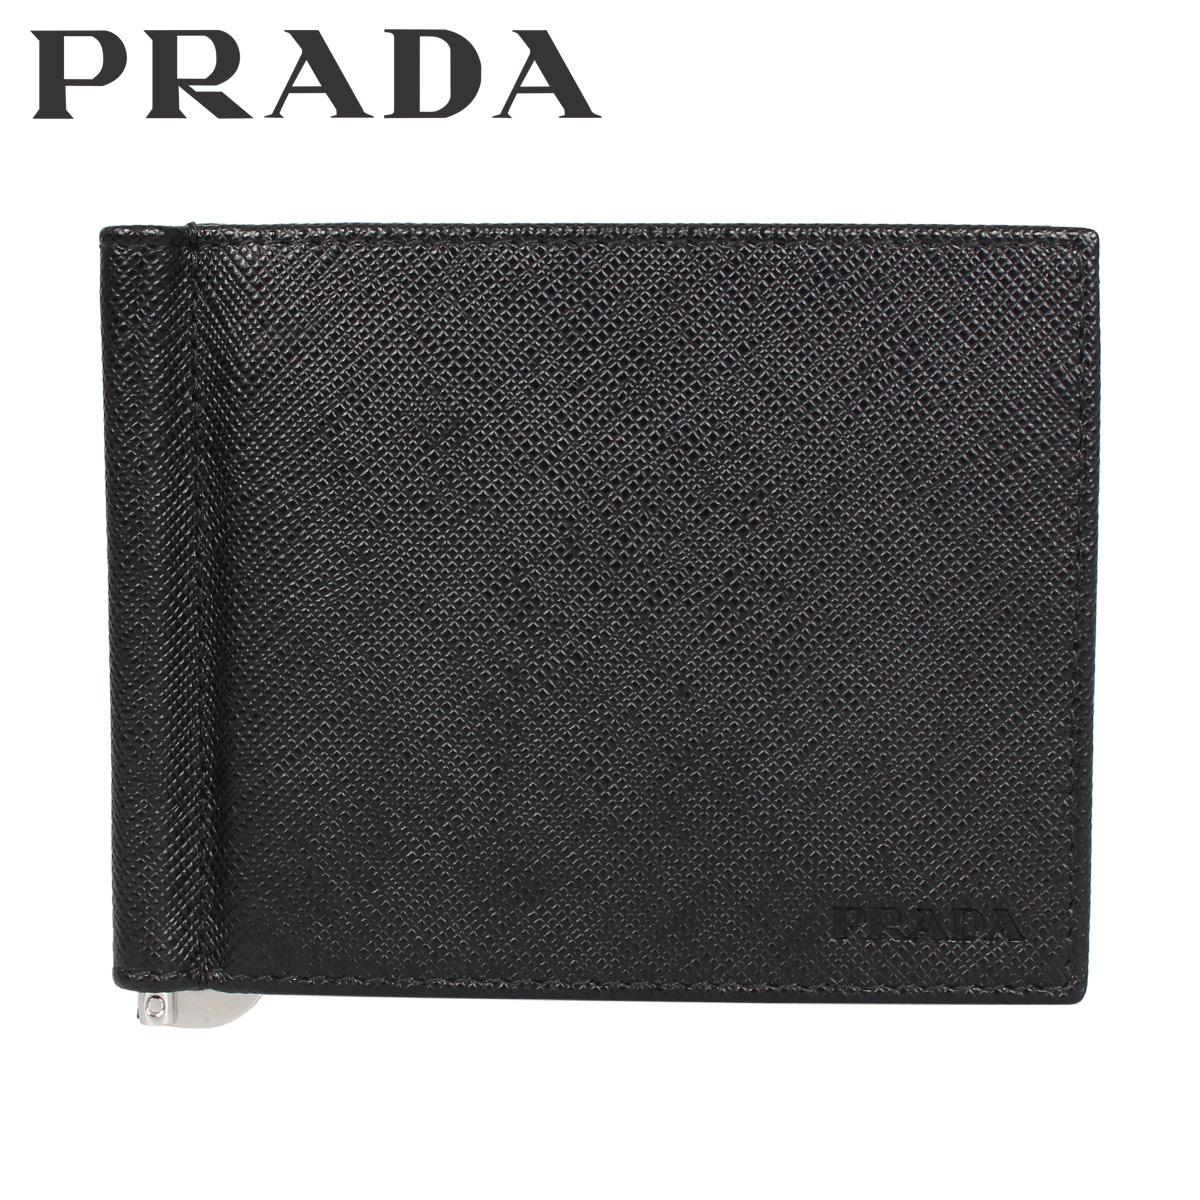 プラダ PRADA 財布 二つ折り マネークリップ サフィアーノ メンズ SAFFIANO ブラック 黒 2MN077-053 [3/9 新入荷]